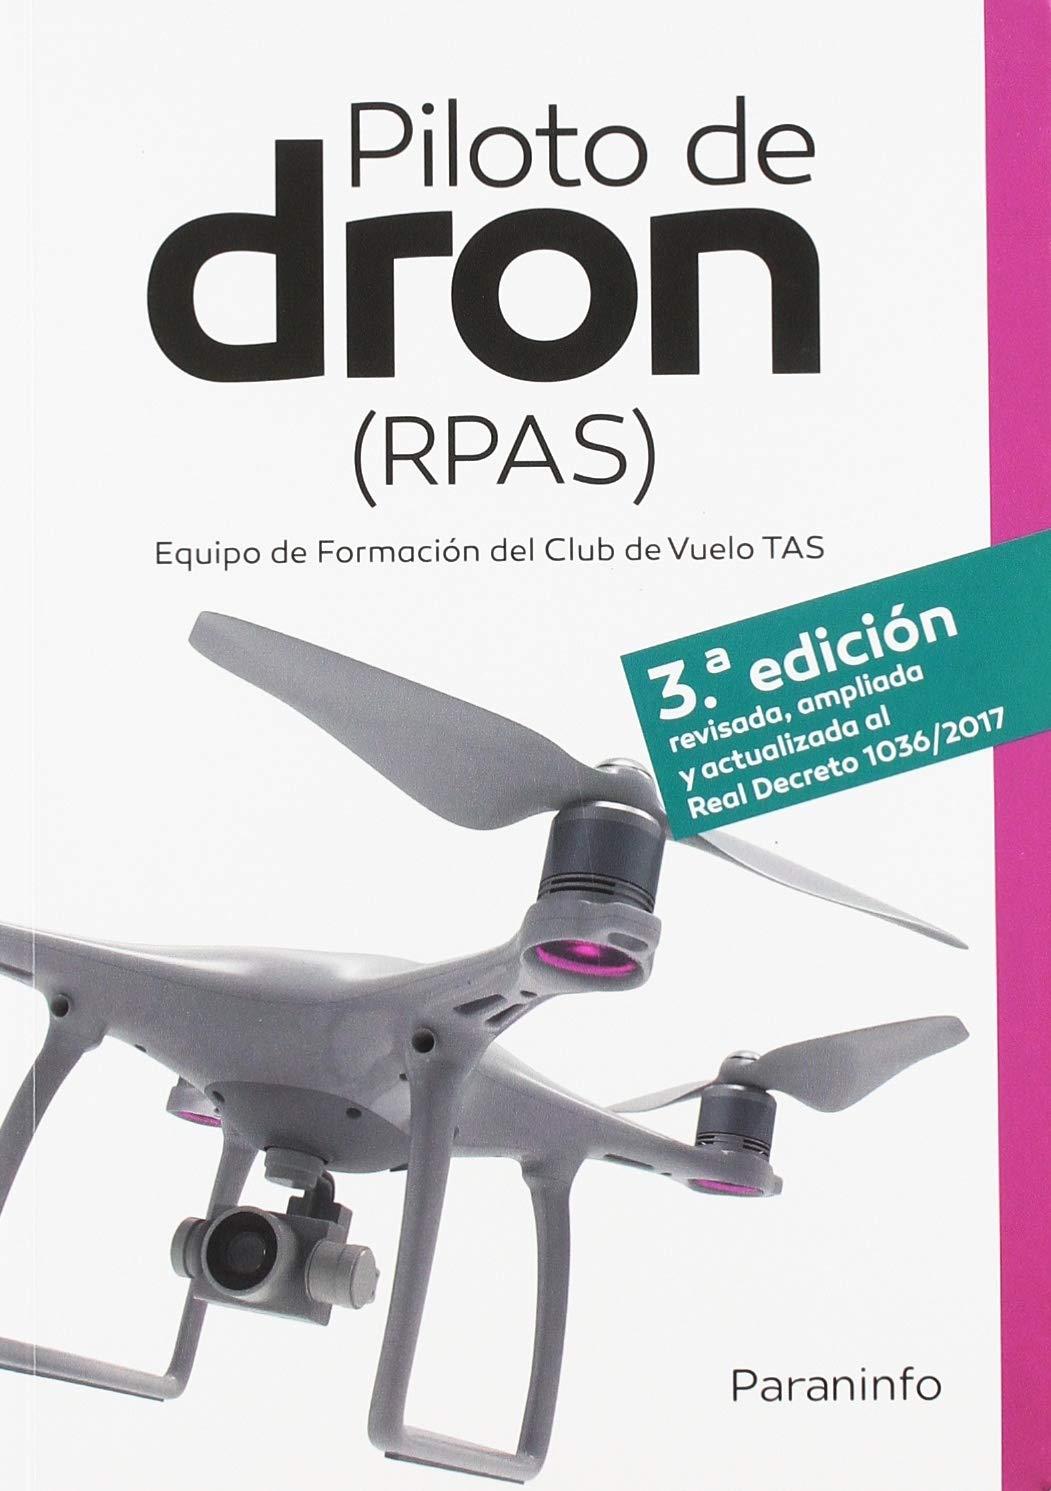 PILOTO DE DRON RPAS EQUIPO DE FORMACIÓN DEL CLUB DE VUELO TAS ...